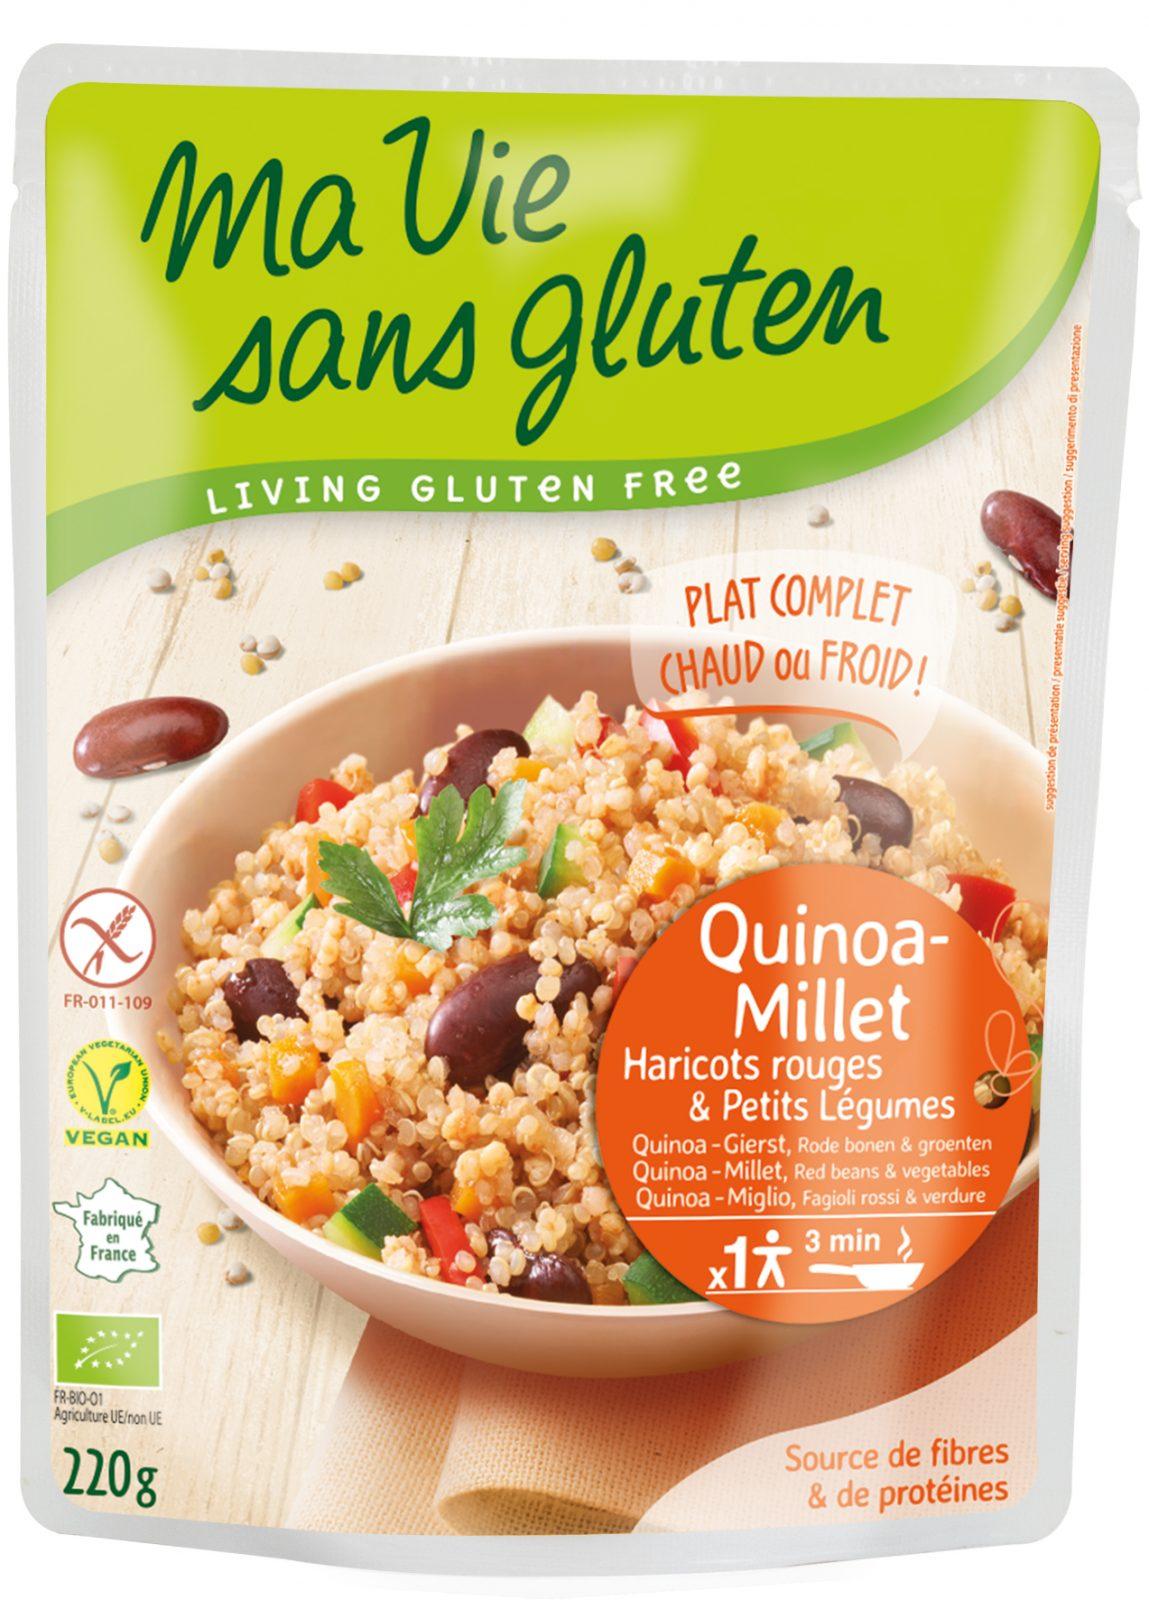 Ma vie sans gluten - Cuisinés express - Quinoa-Millet haricots rouges et petits légumes 220 g